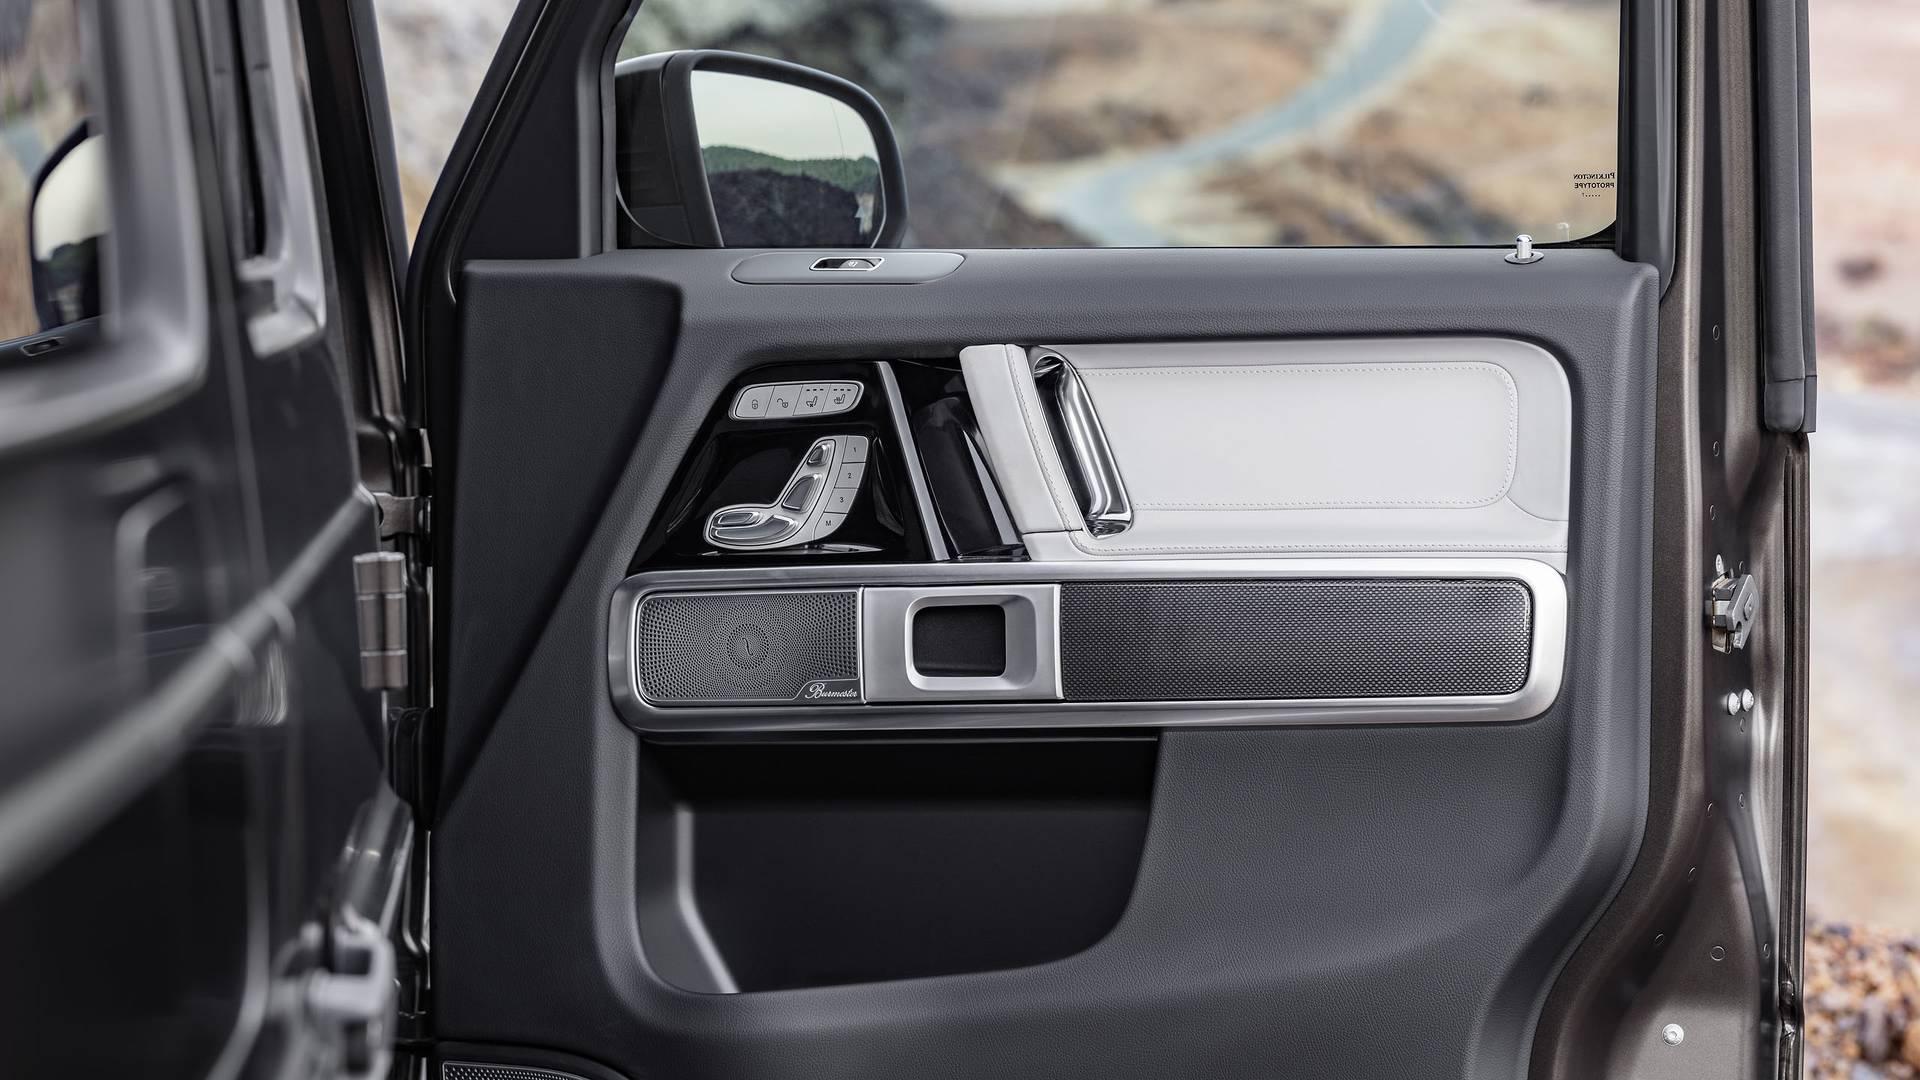 Название: 2019-mercedes-benz-g-class-interior.jpg Просмотров: 101  Размер: 230.0 Кб